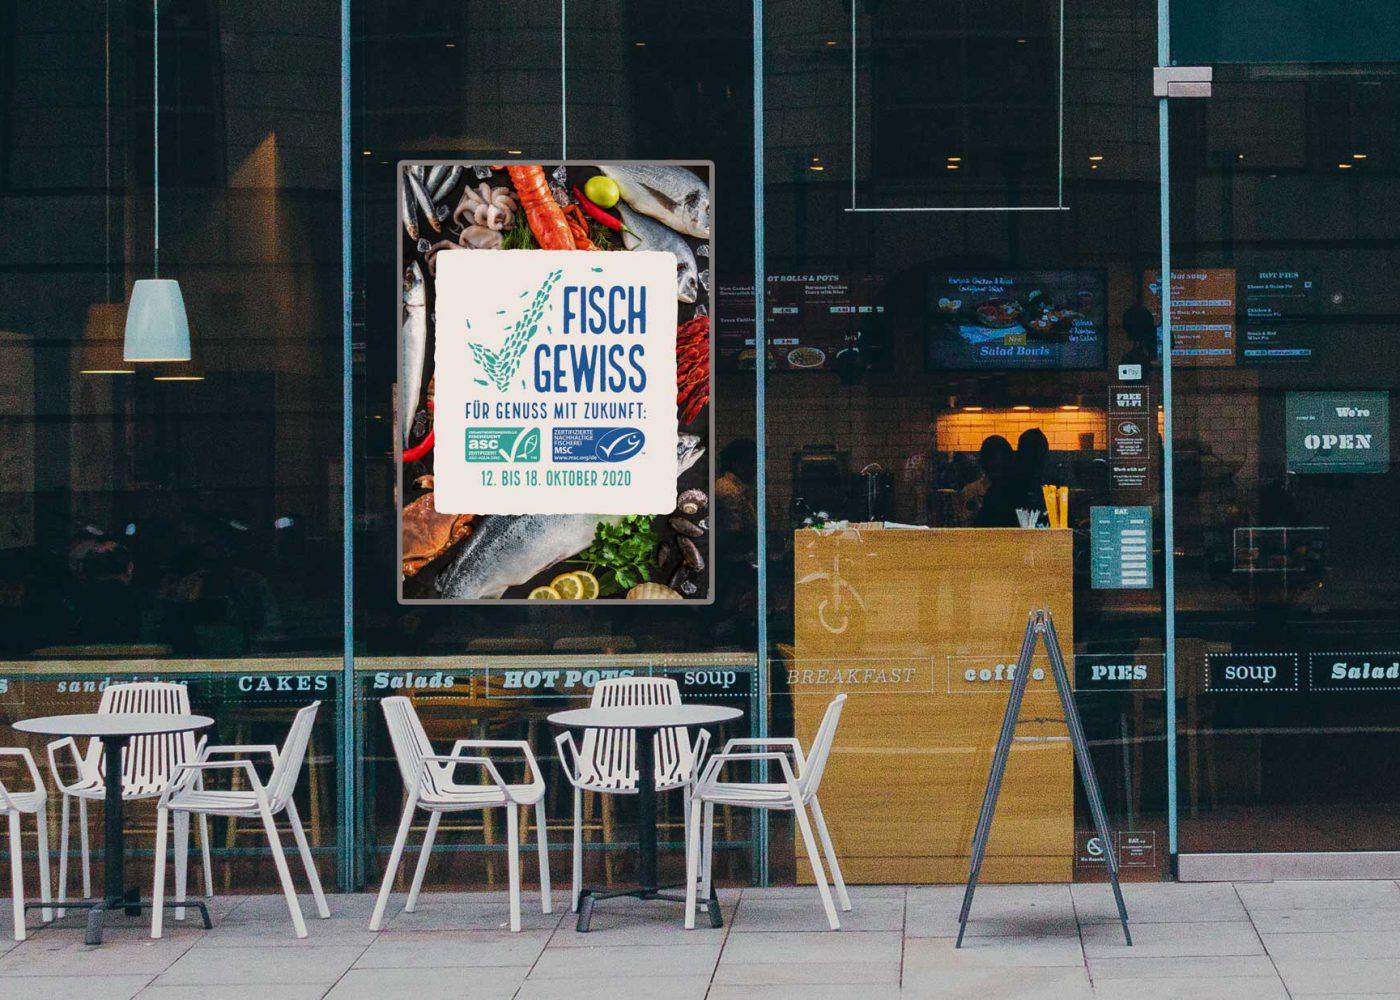 Fisch Gewiss Plakat Restaurant